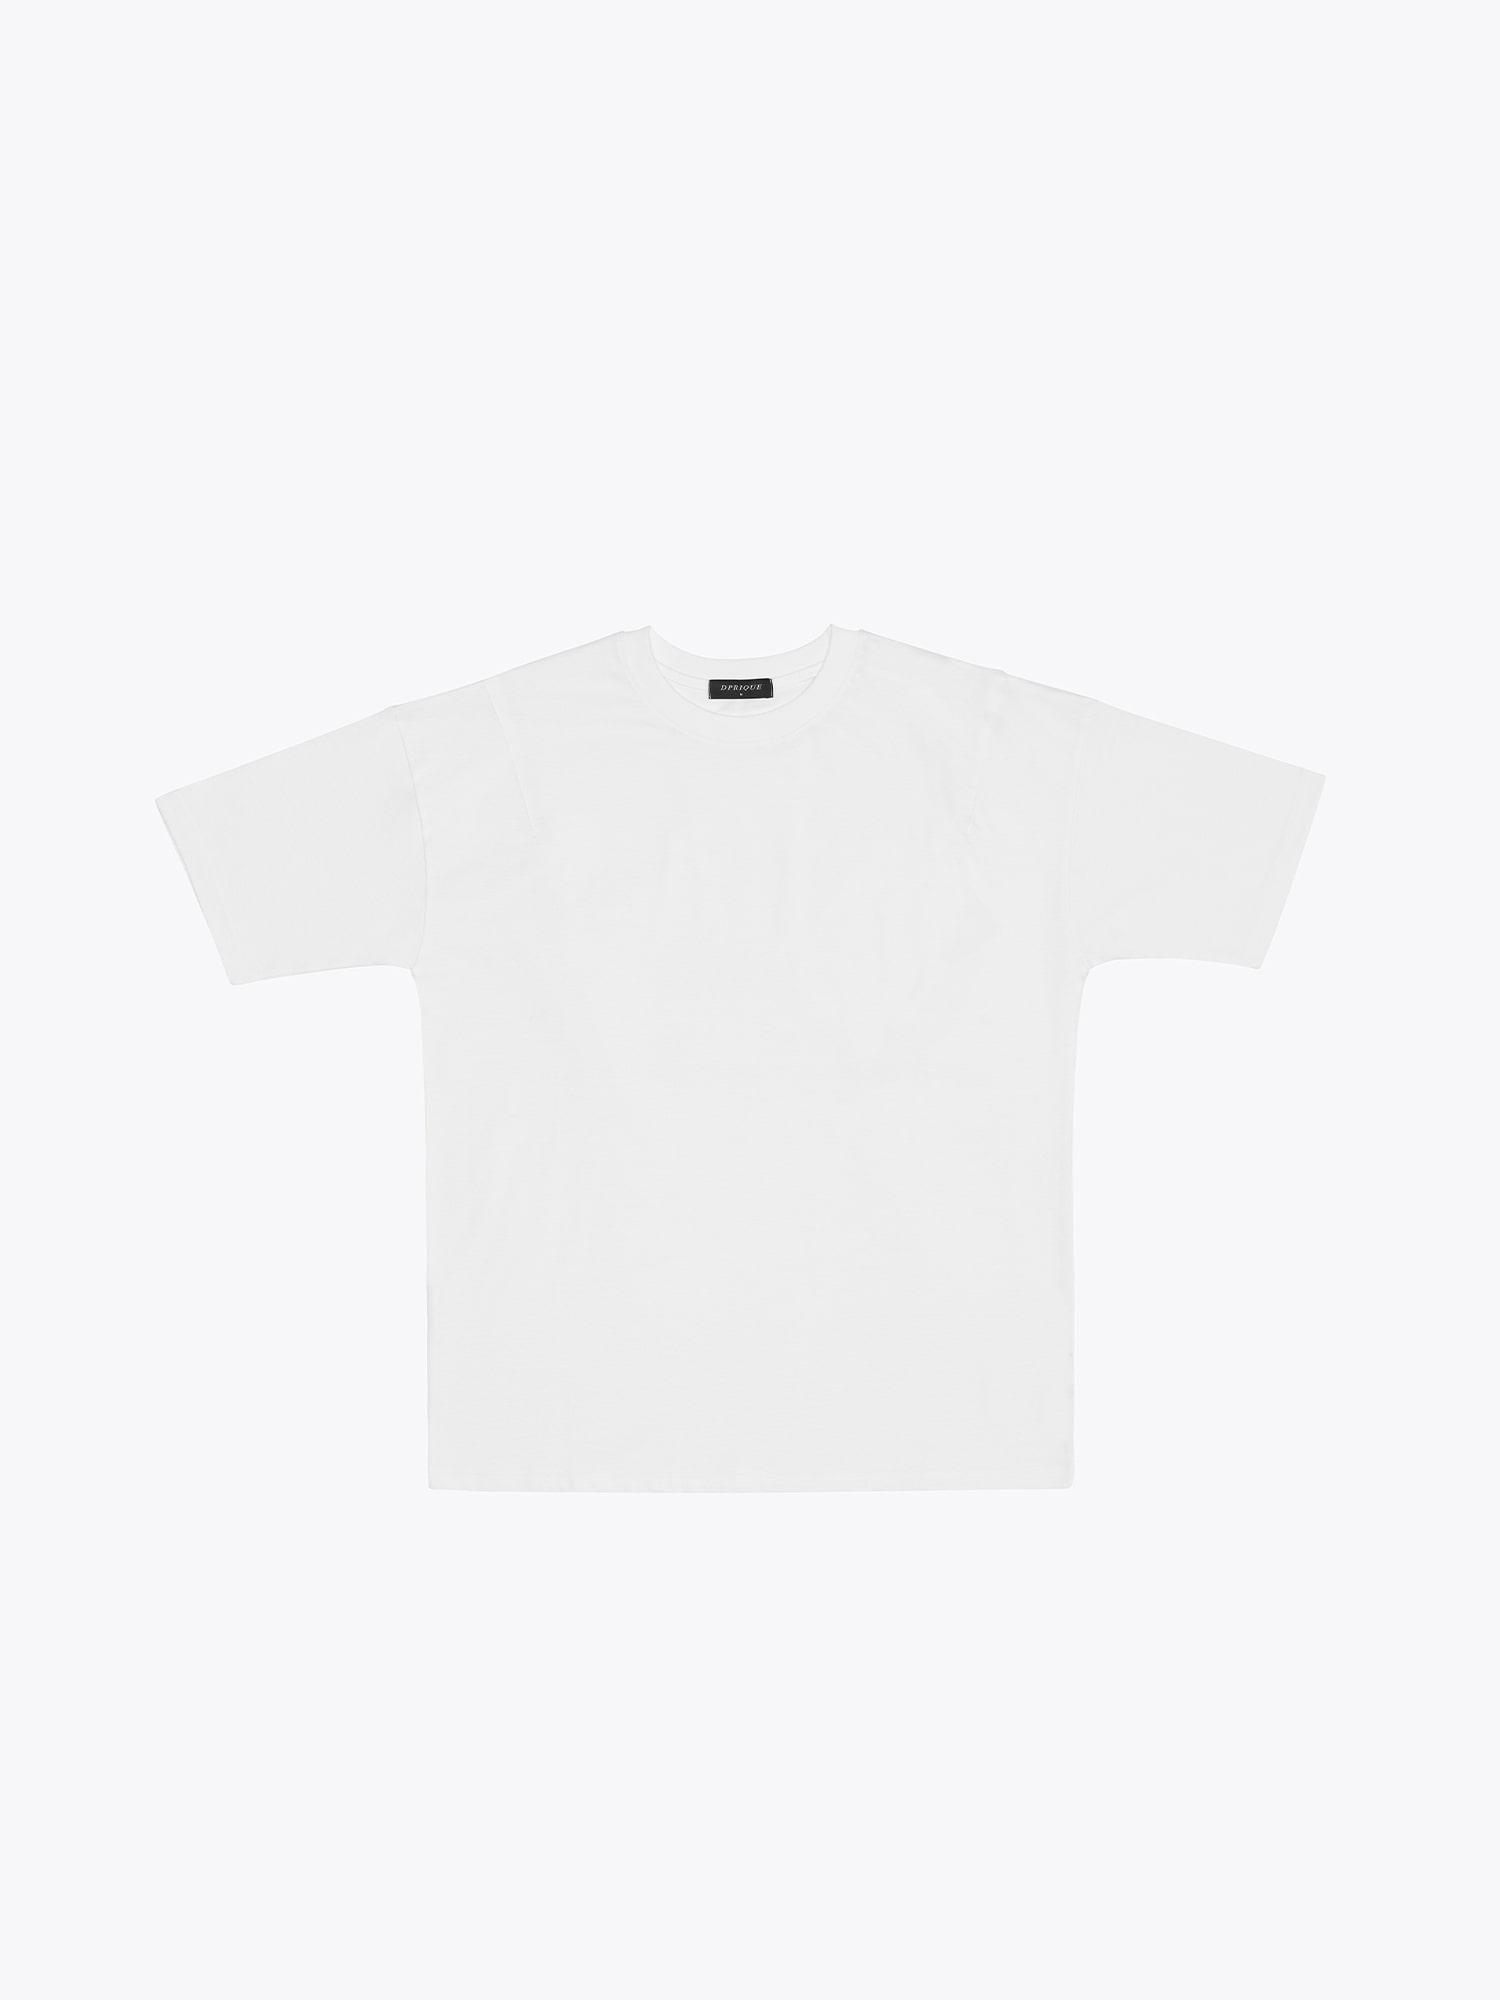 Oversized Basic T-Shirt - White